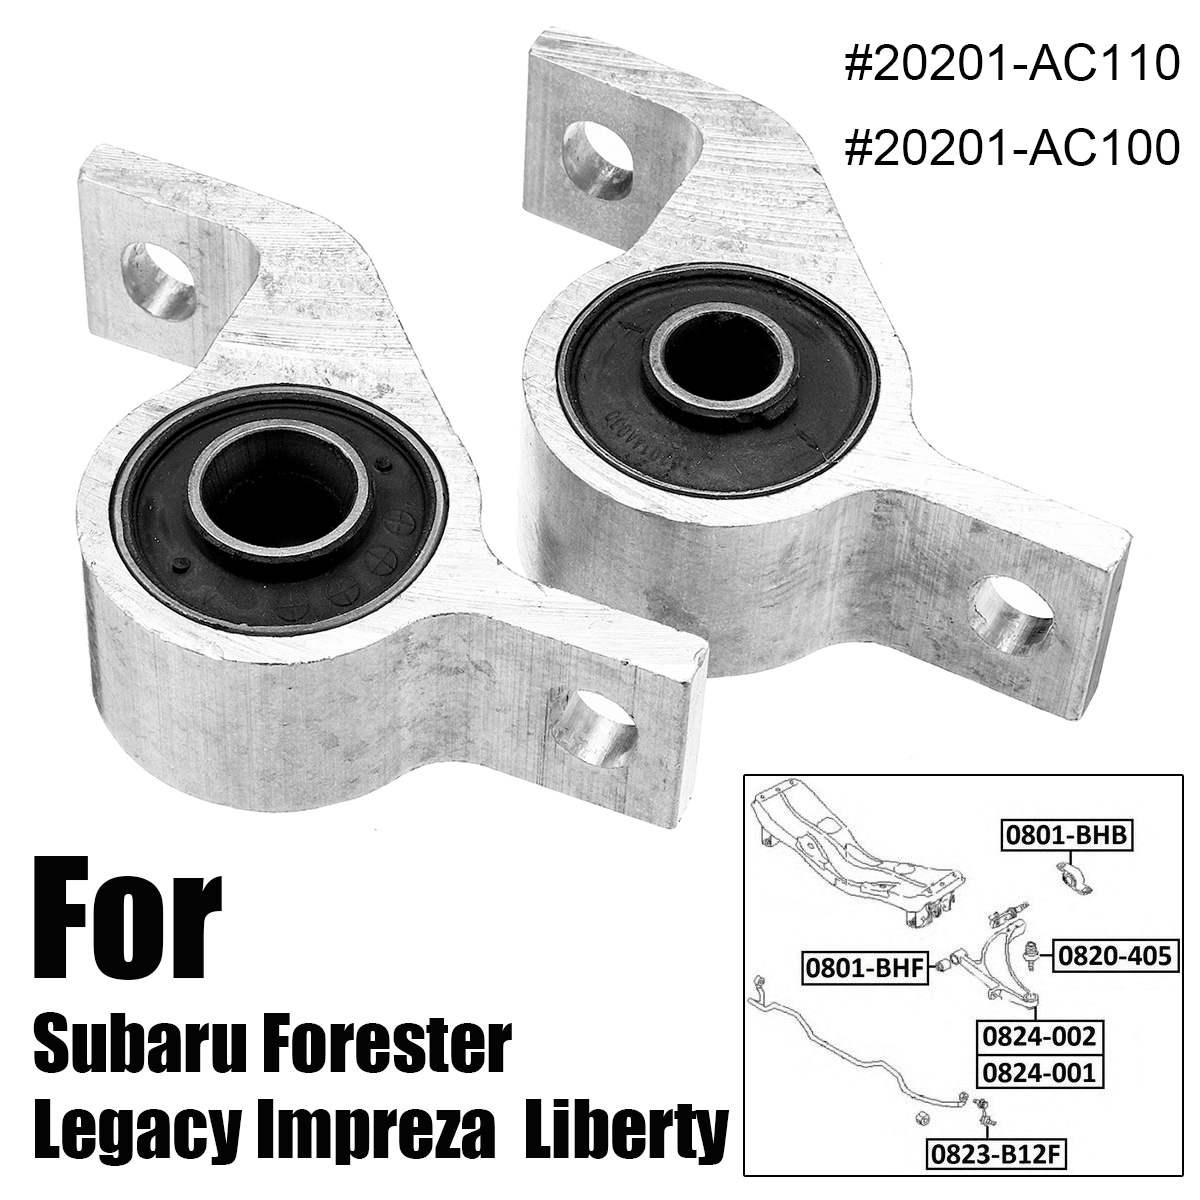 Front Lower Arme Buchse 2 teile/satz für Subaru für Forester für Legacy für Impreza für Liberty 20201-AC100 20201-AC110